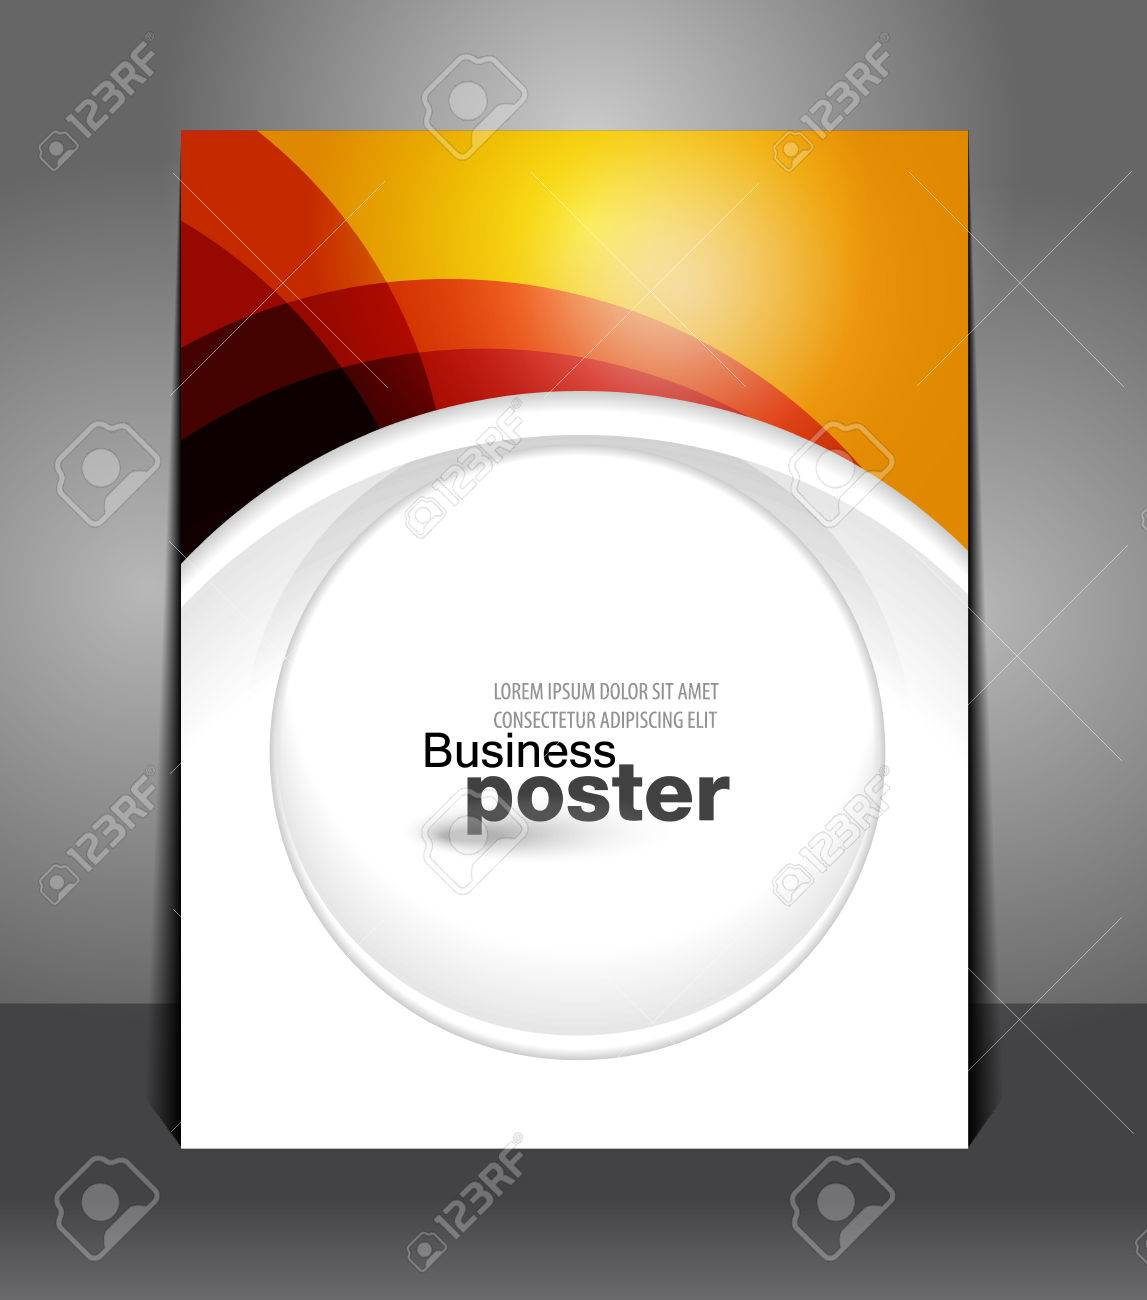 Plakat Designer   Stilvolle Prasentation Und Designer Von Business Plakat Flyer